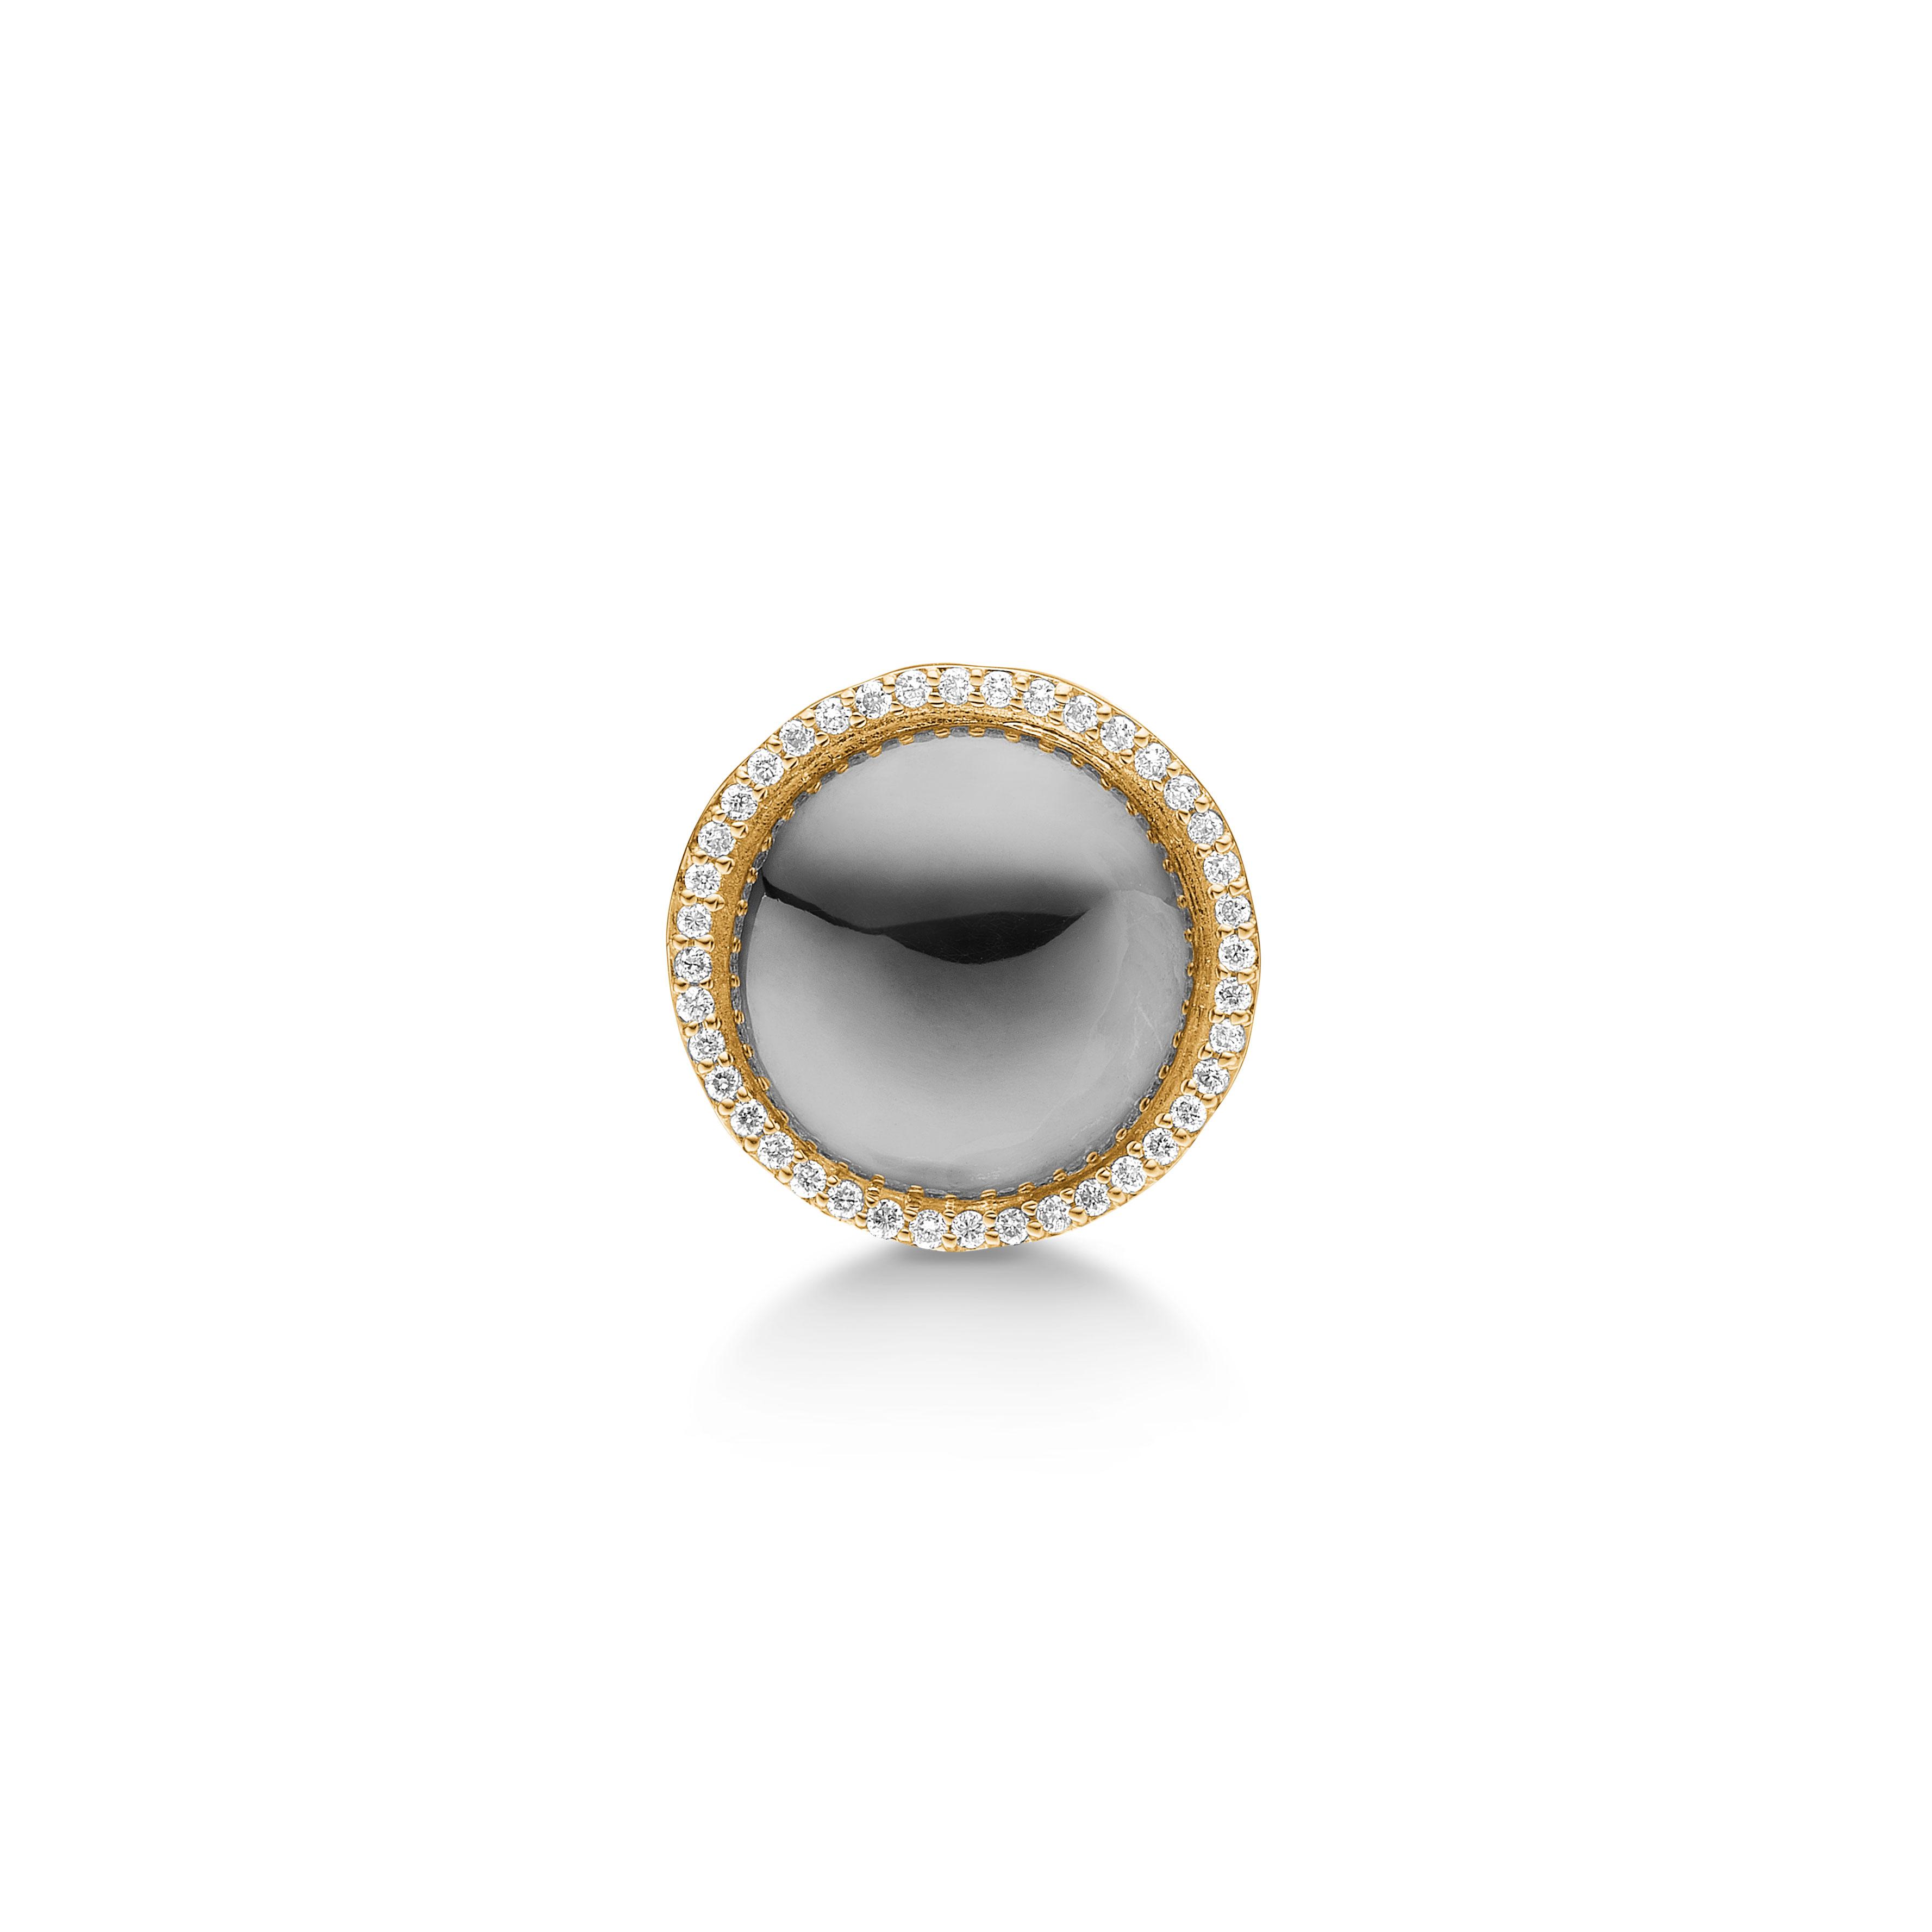 Image of   14 Karat Guld Smykkelås fra Aagaard med Brillanter 0,005 Carat W/P1